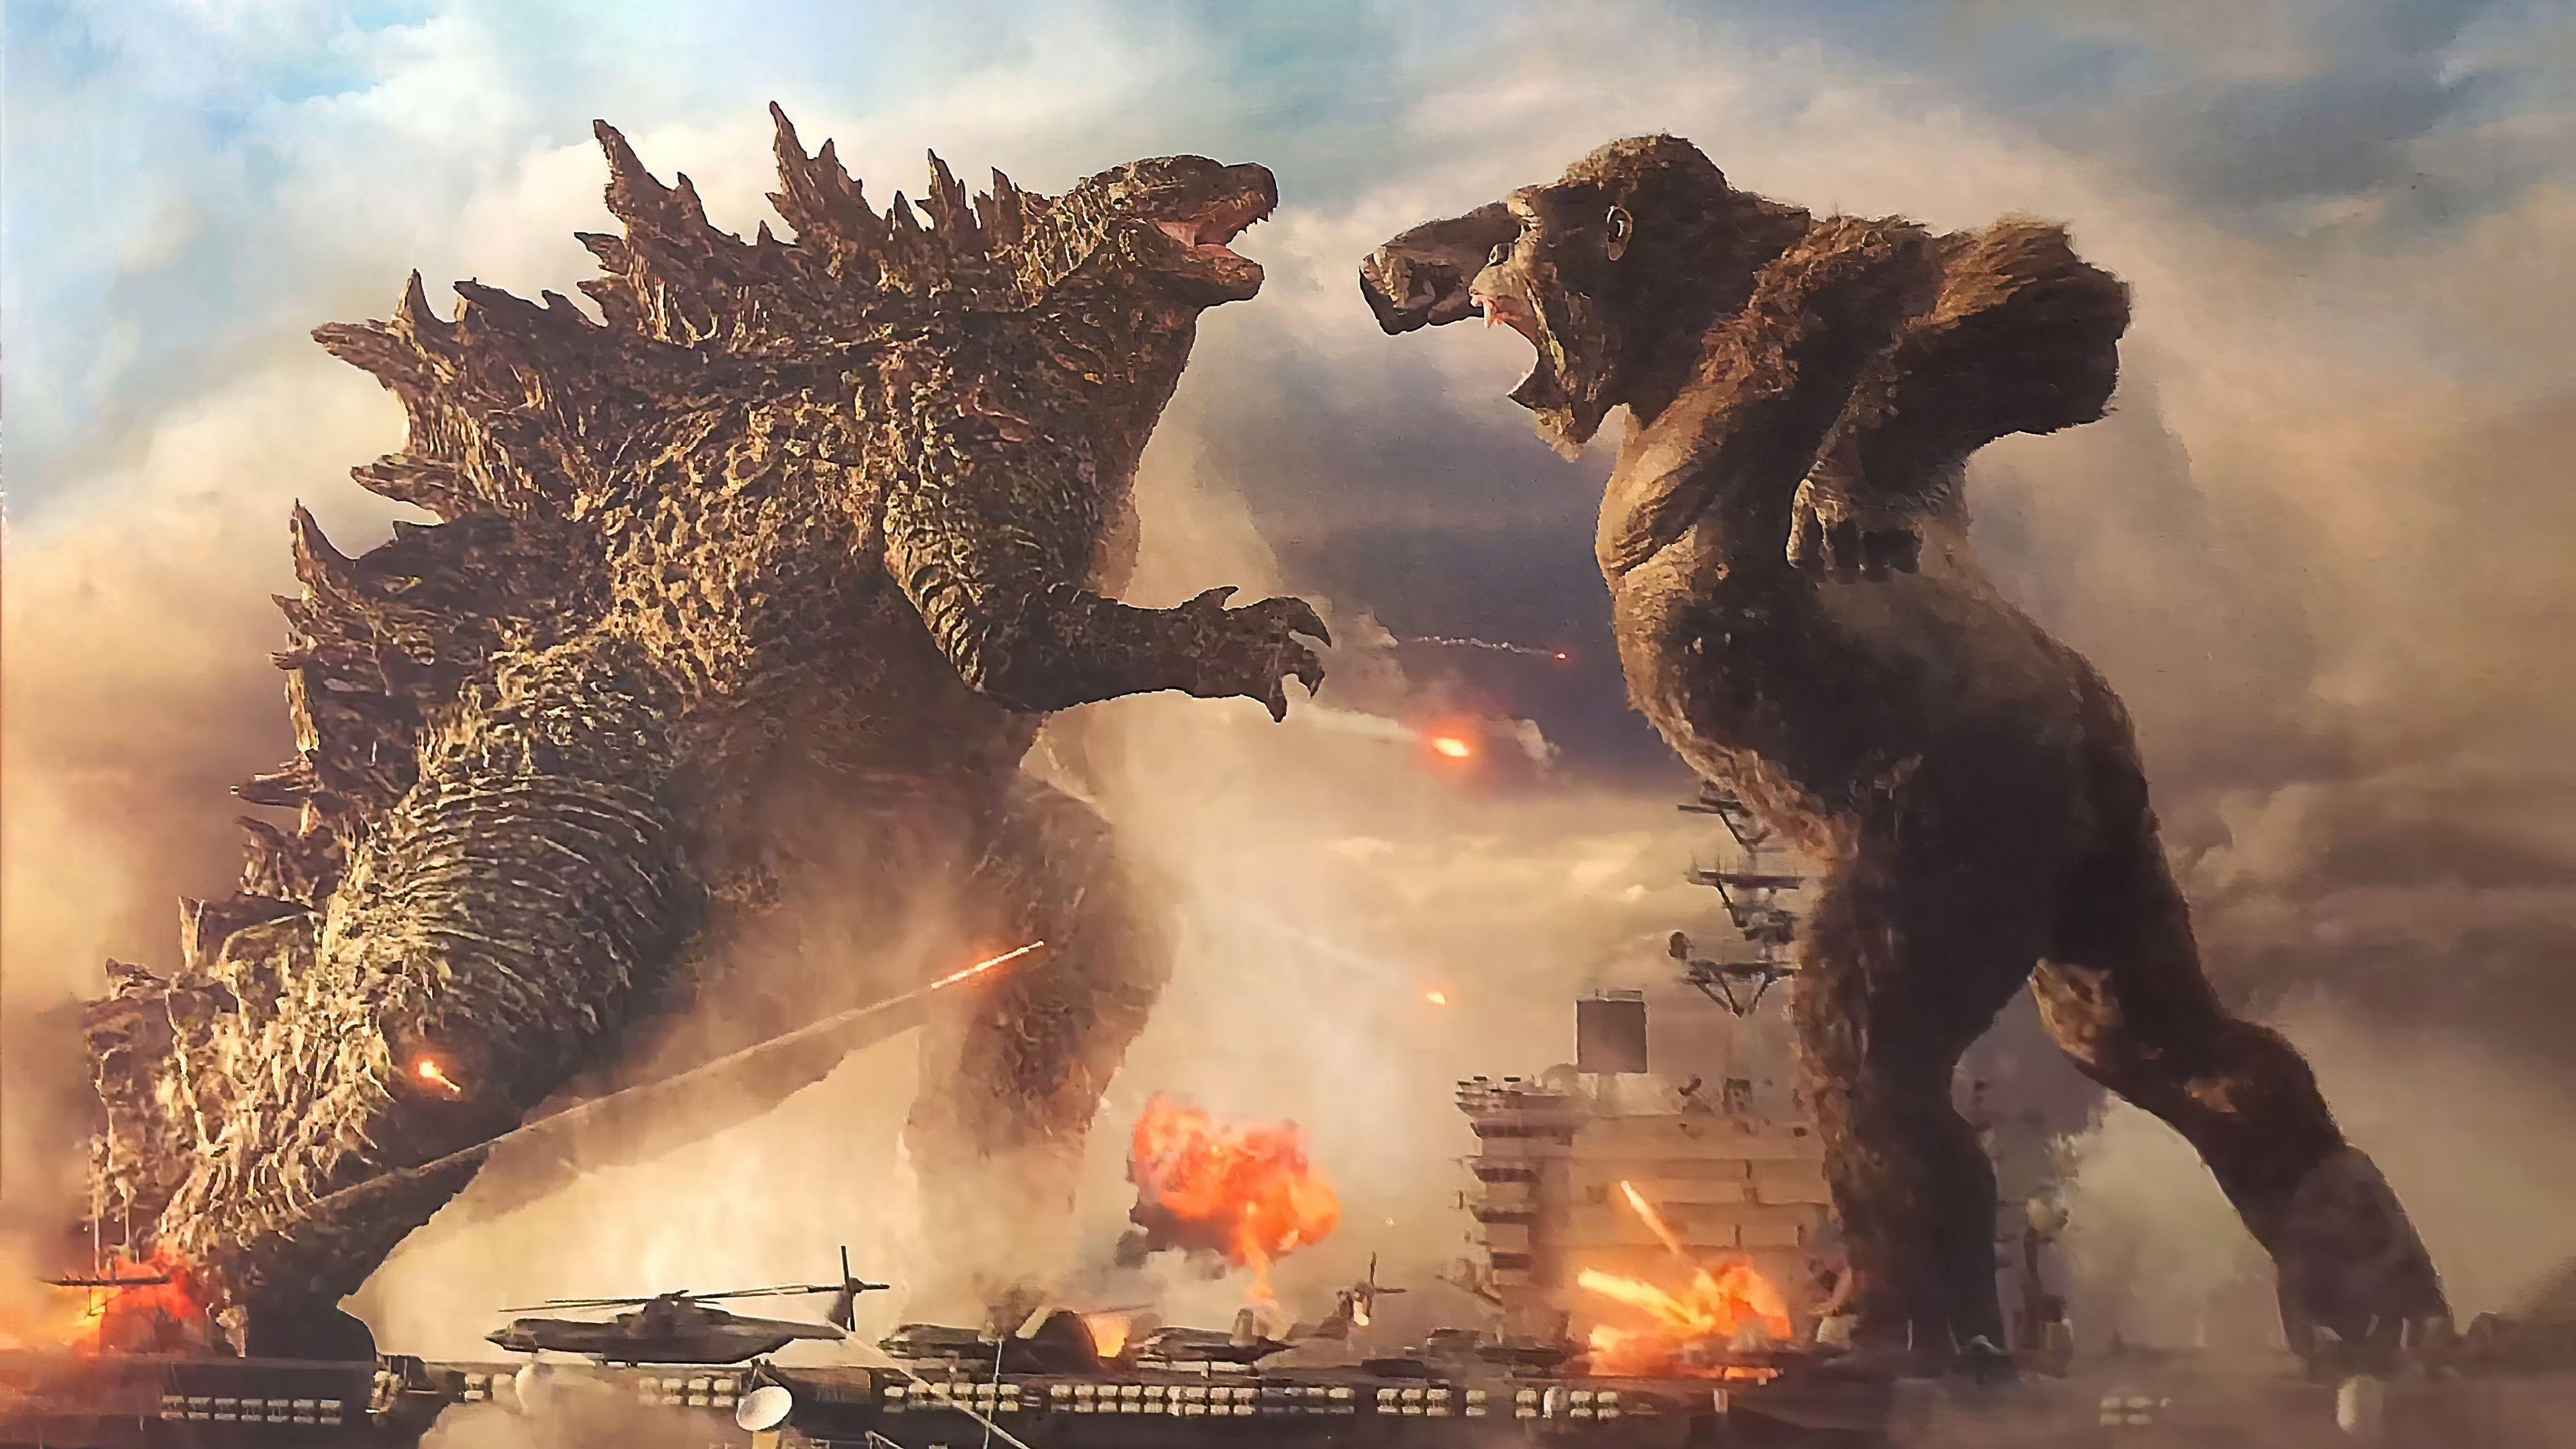 King Kong Vs Godzilla Wallpapers   Top Free King Kong Vs Godzilla ...